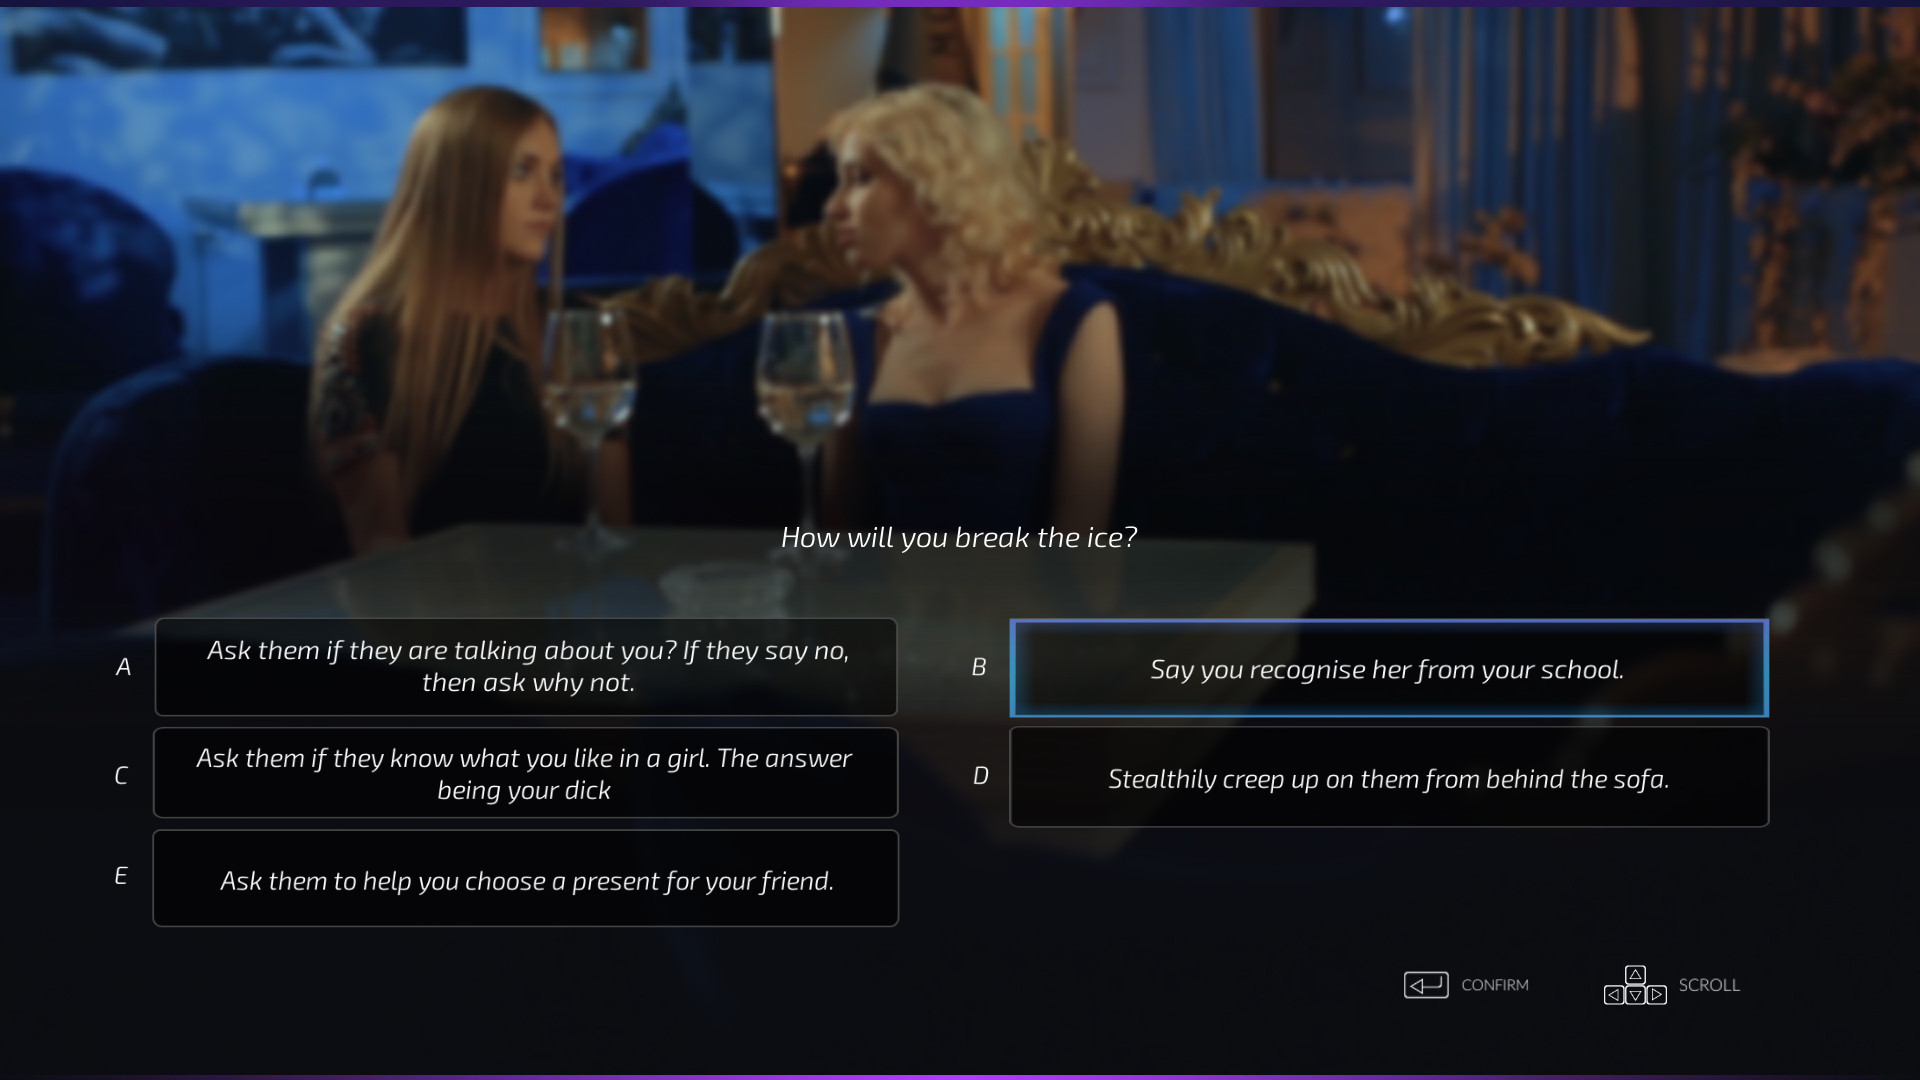 Ver tolima vs medellin online dating